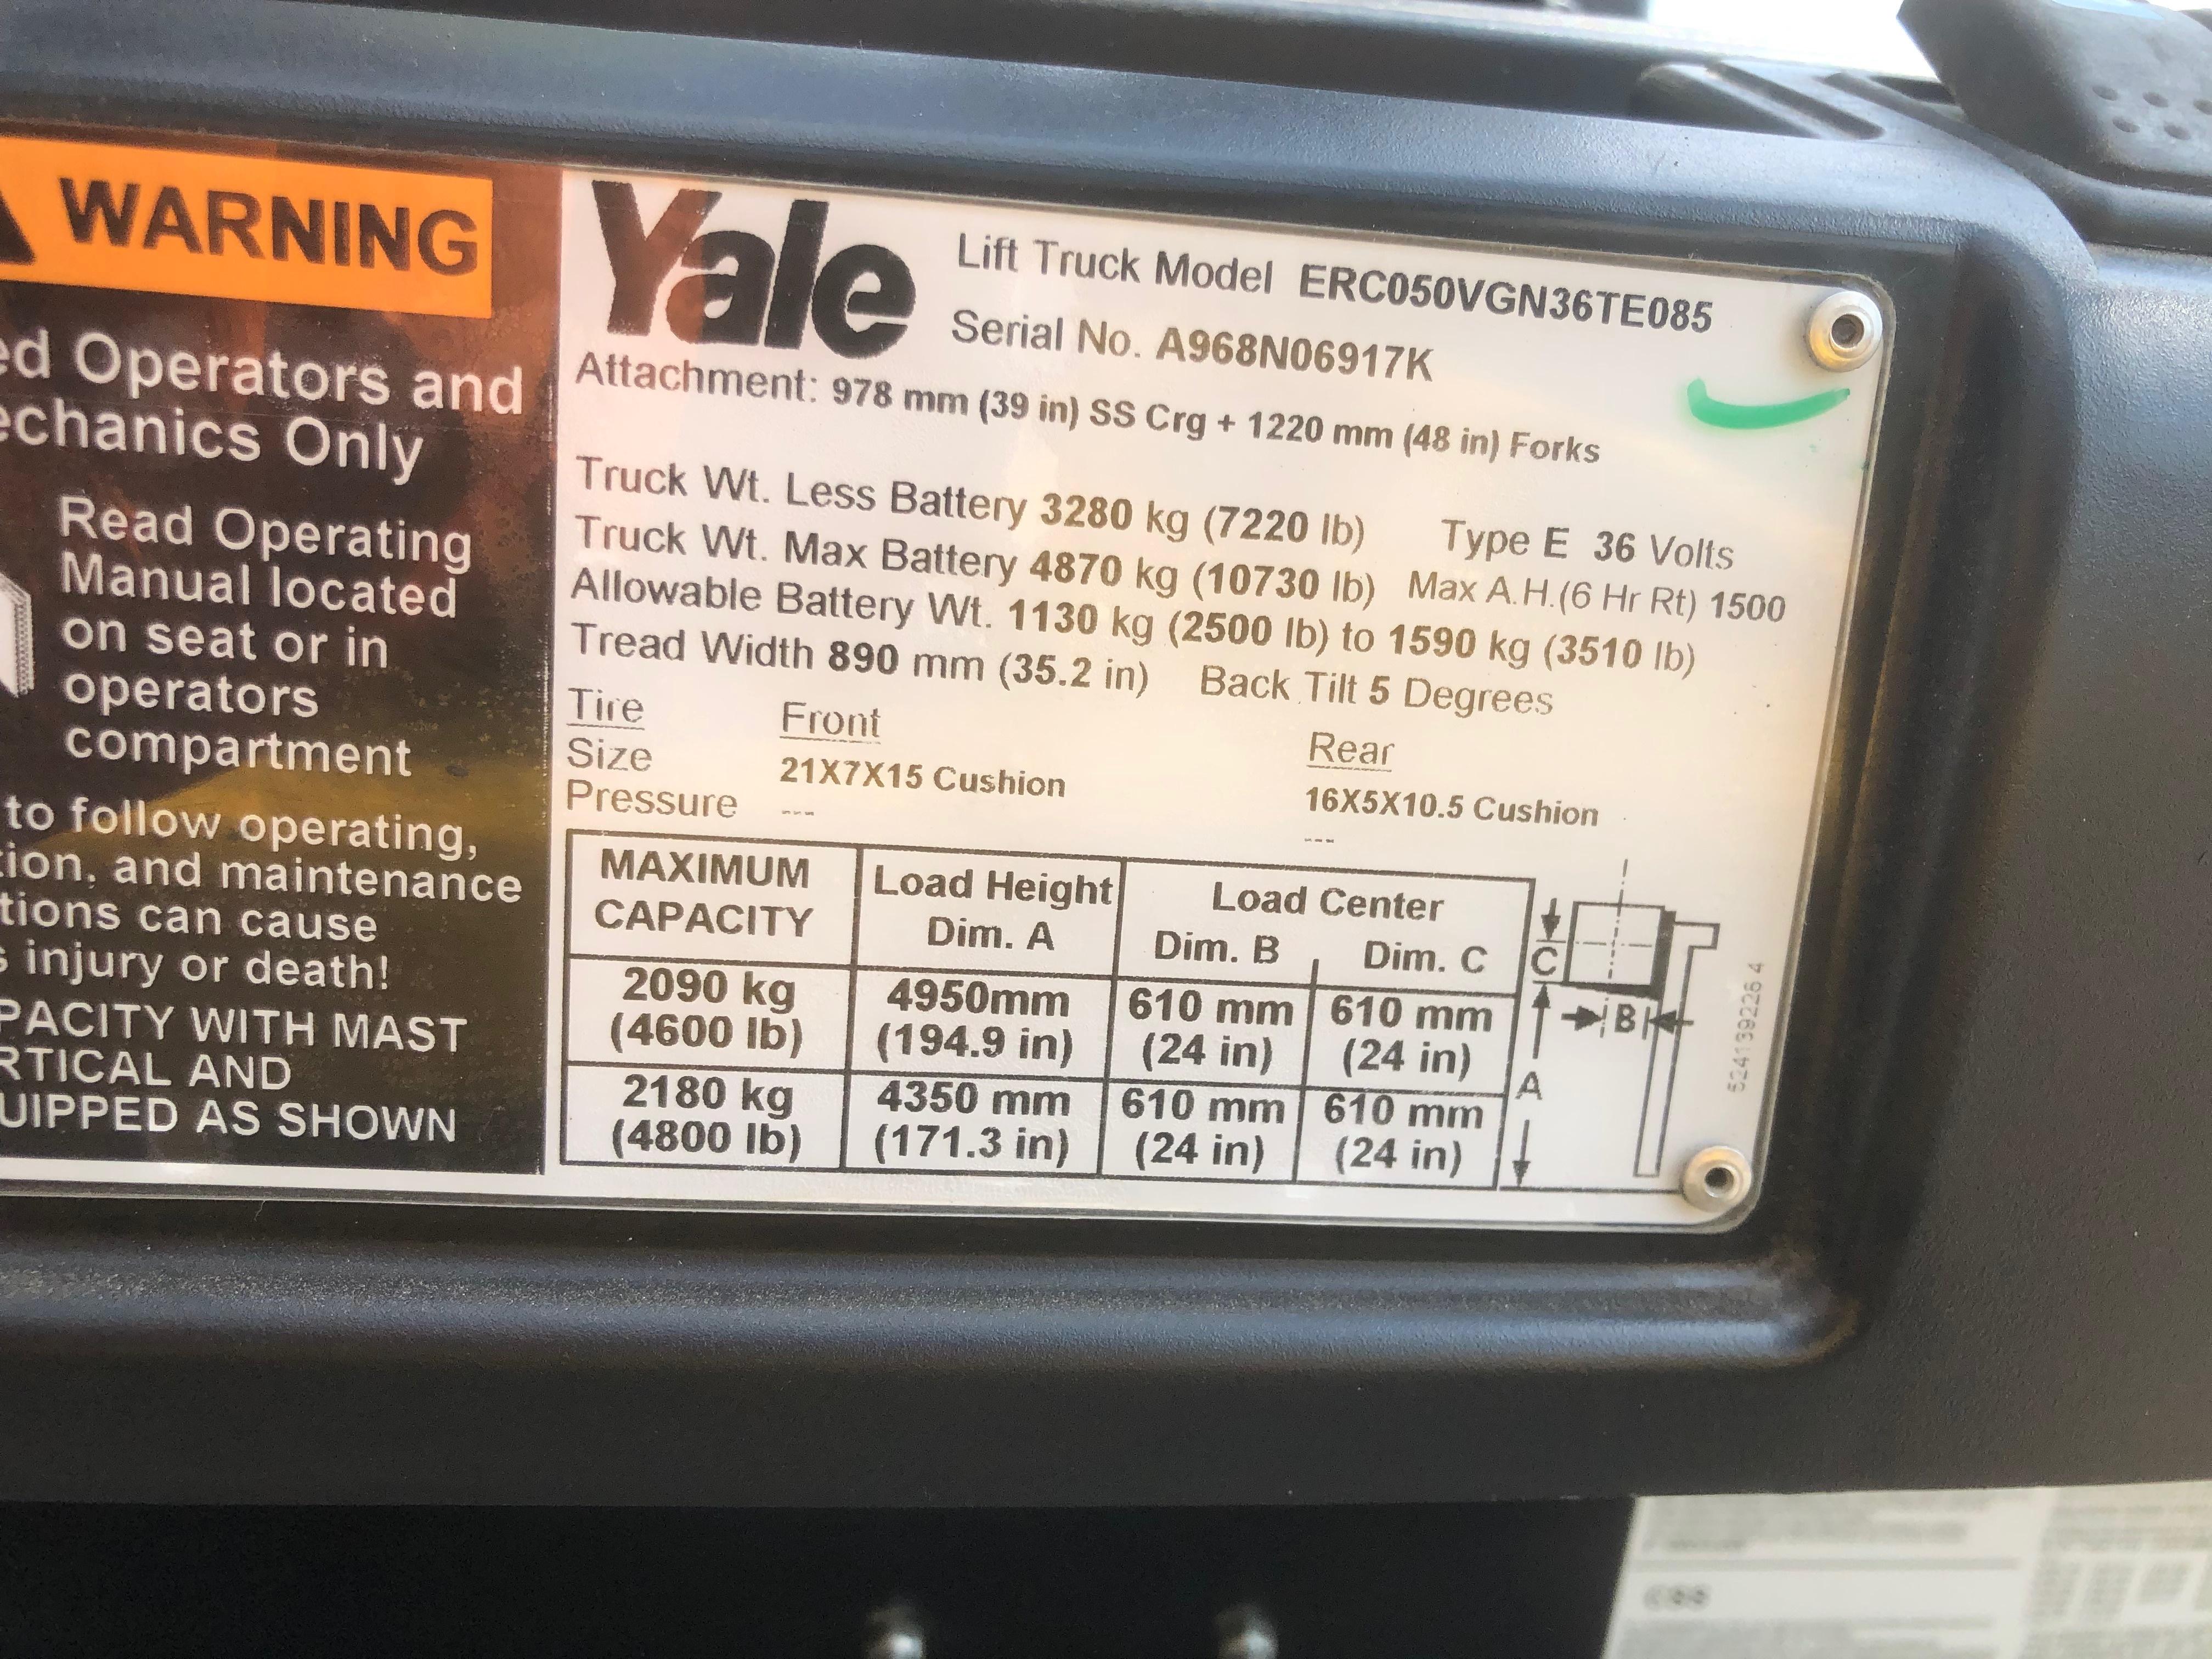 2012 Yale ERC050